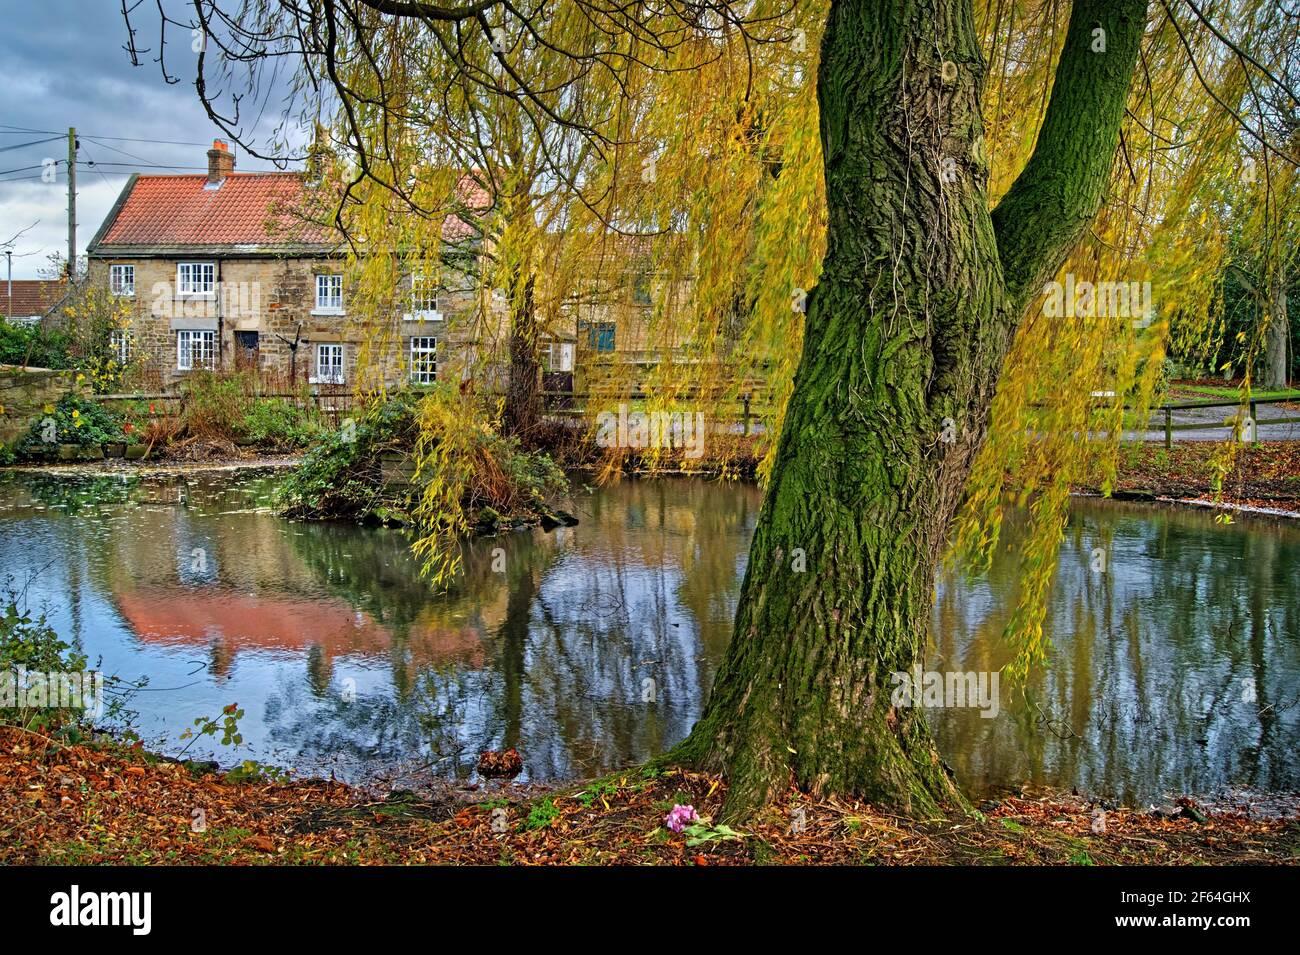 Reino Unido, Yorkshire del Sur, Doncaster, pueblo de Clayton con estanque durante el otoño Foto de stock